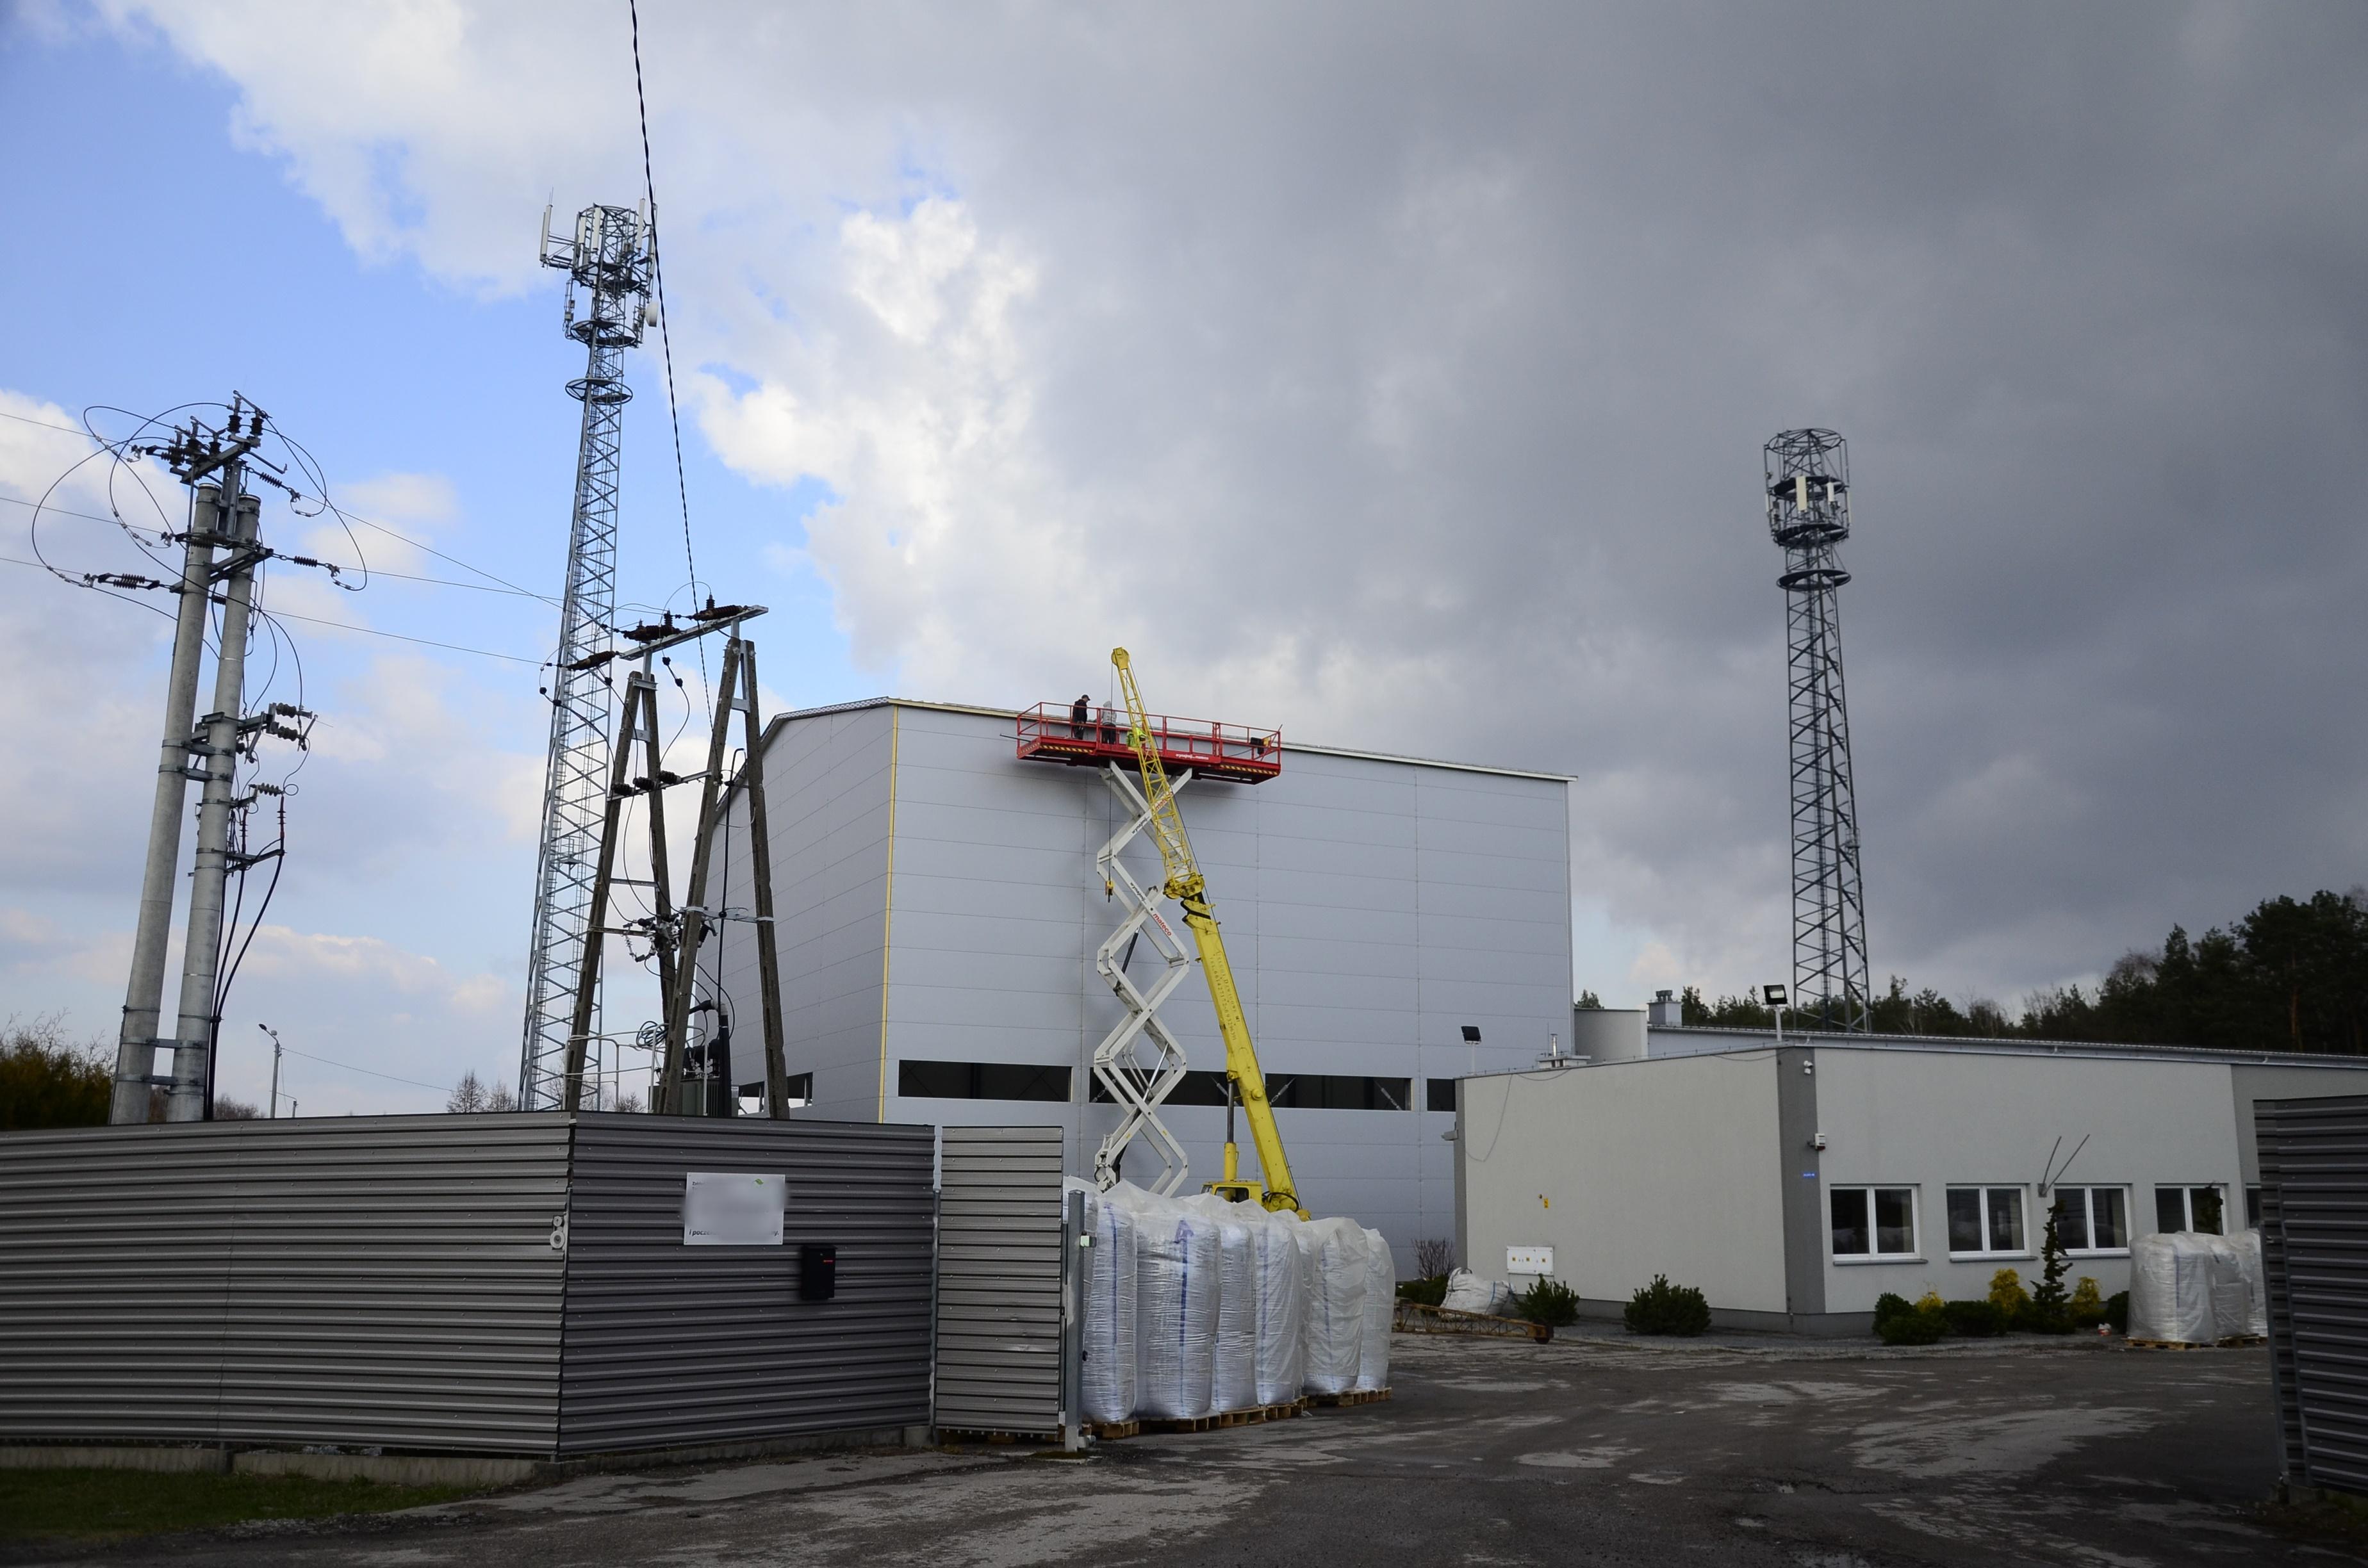 Mieszkańcy Cmolasu wyrazili swoje zaniepokojenie funkcjonowaniem zakładu Green Koltex. Co na to przedstawiciele firmy? - Zdjęcie główne